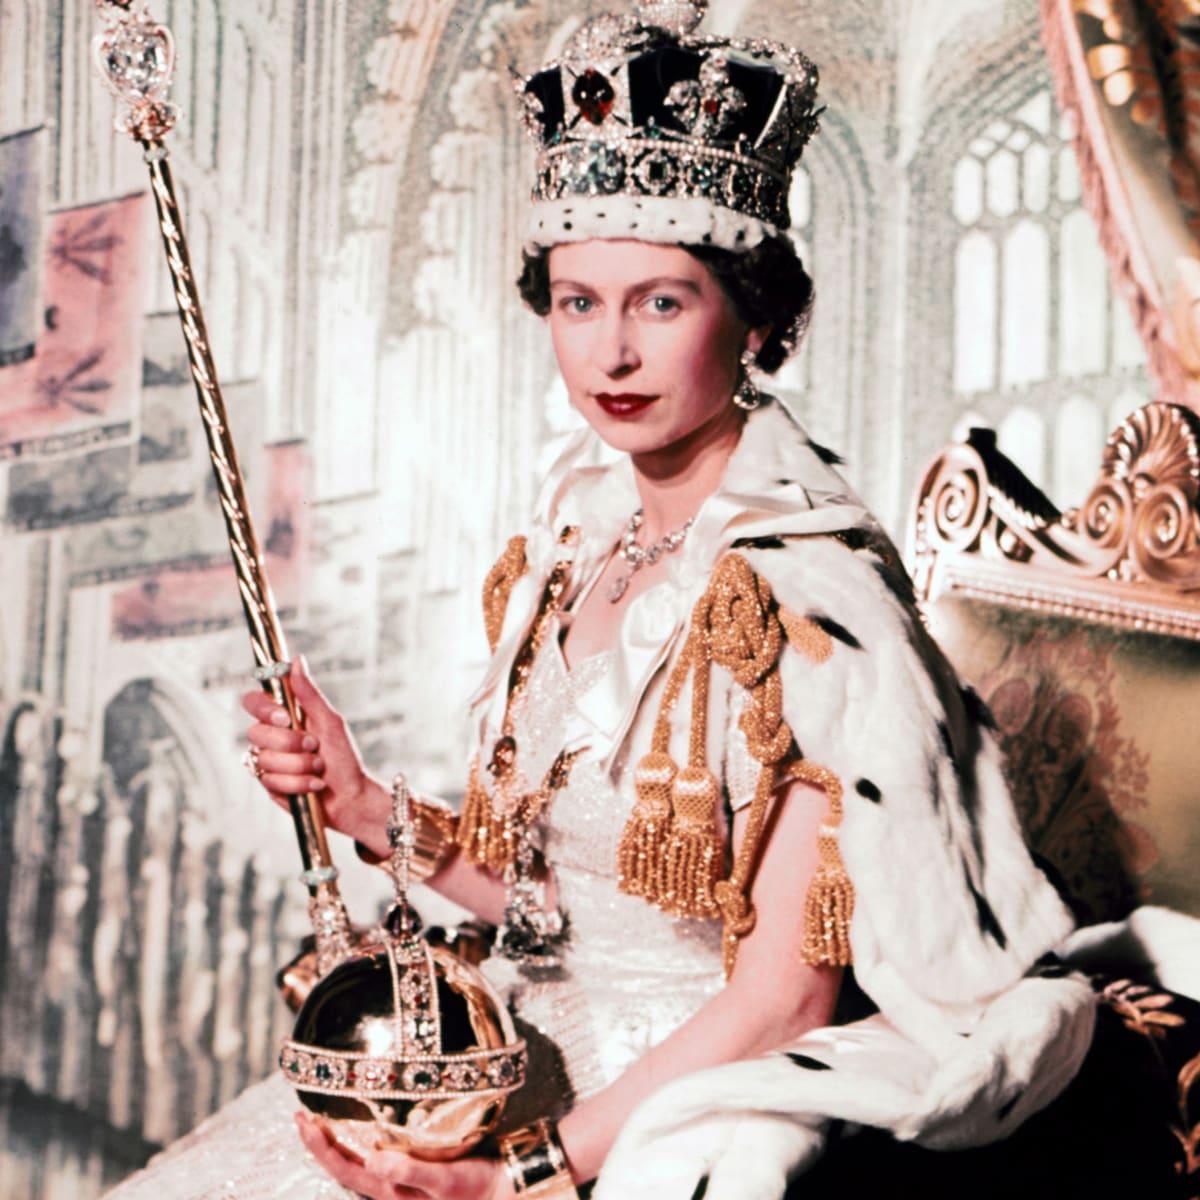 El mundo de las Rosas - Variedades de Rosas - Queen Elisabeth